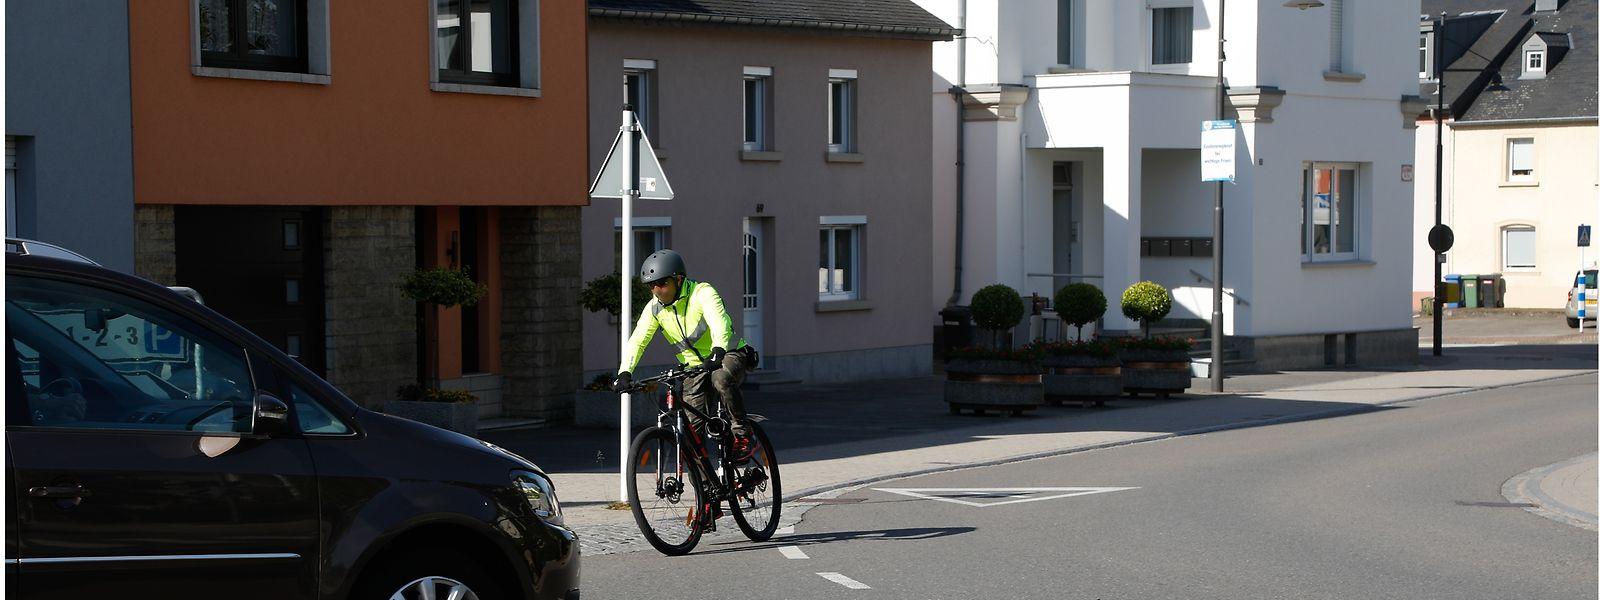 Wegen des gefährlichen Umwegs über die Route d'Arlon nutzen viele Radfahrer verbotenerweise die Rue des Romains.